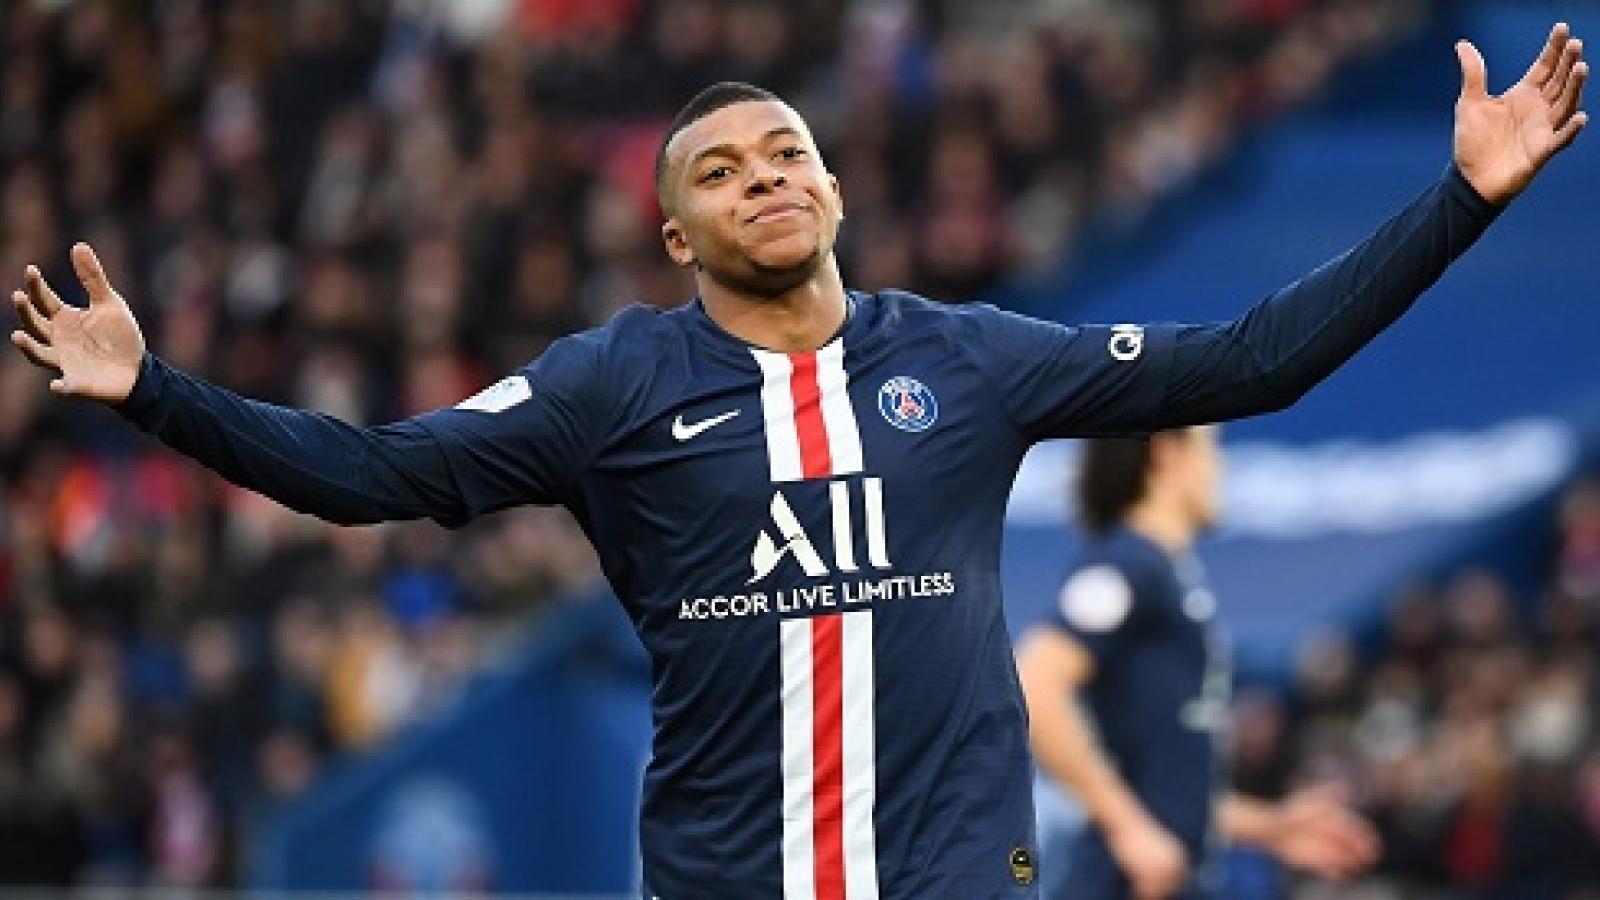 Chuyển nhượng 23/4: PSG đứng trước nguy cơ mất trắng Mbappe